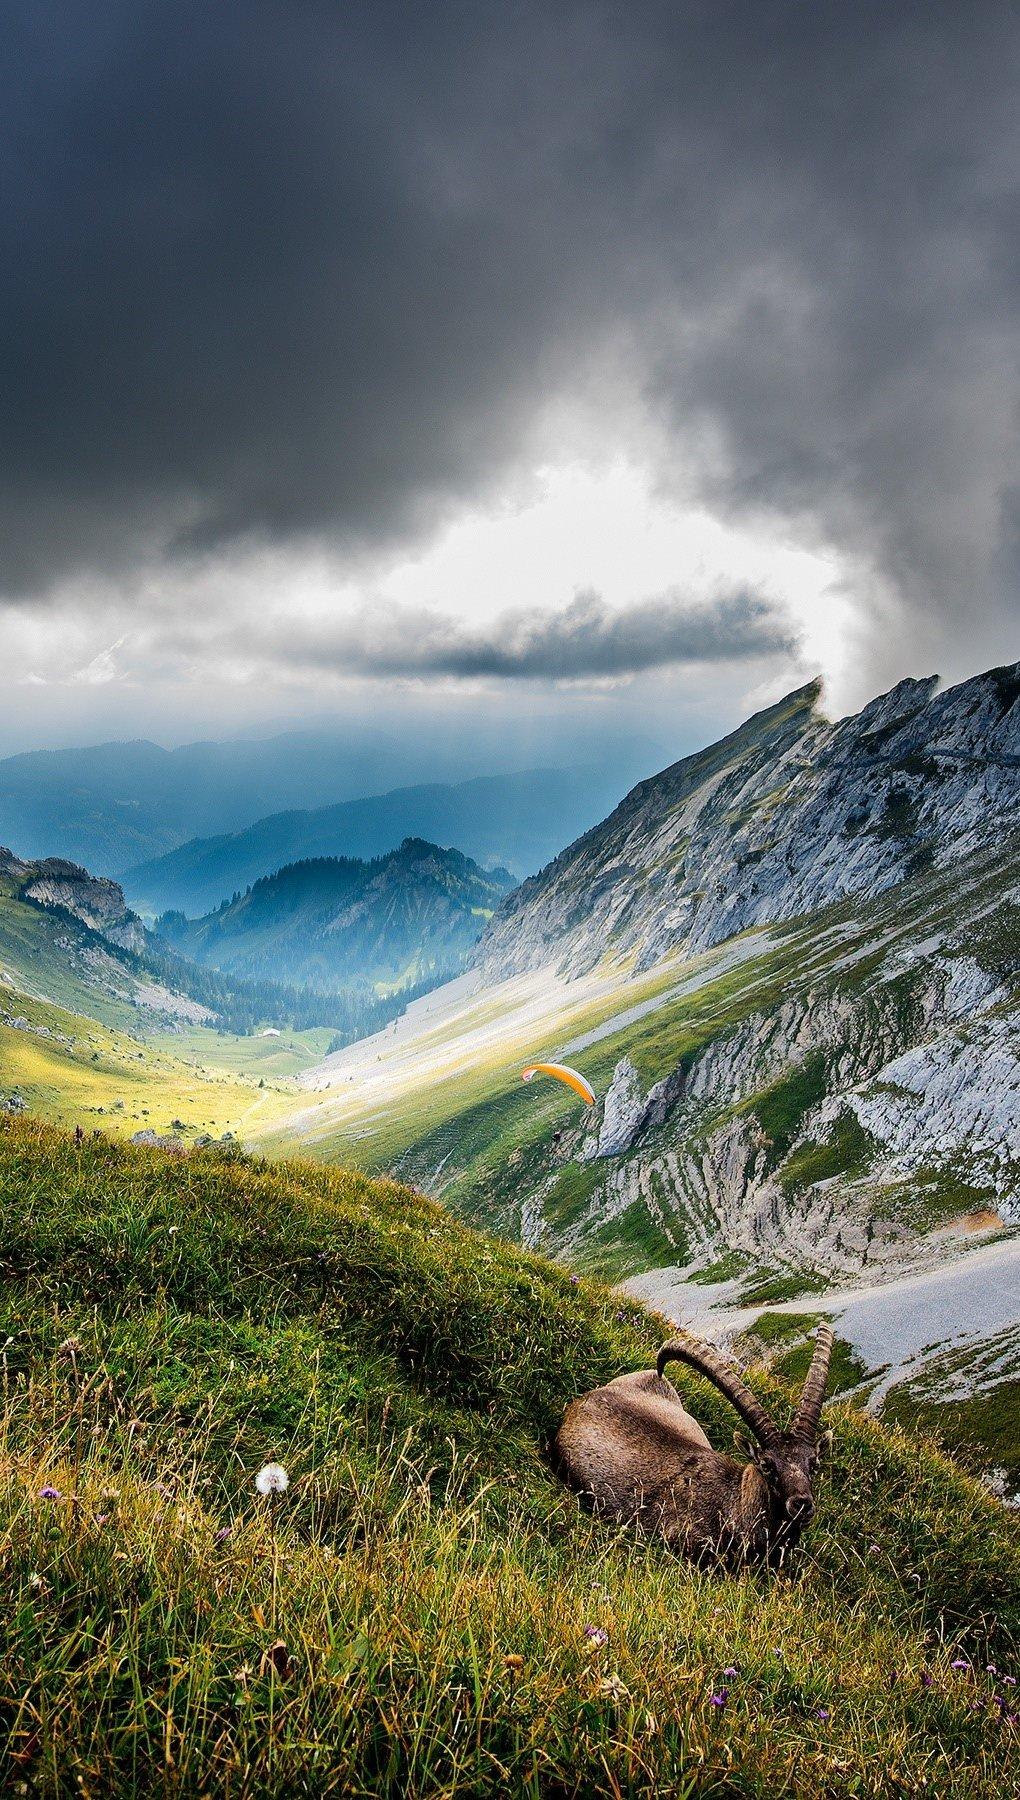 Wallpaper Mount Pilatus in Switzerland Vertical